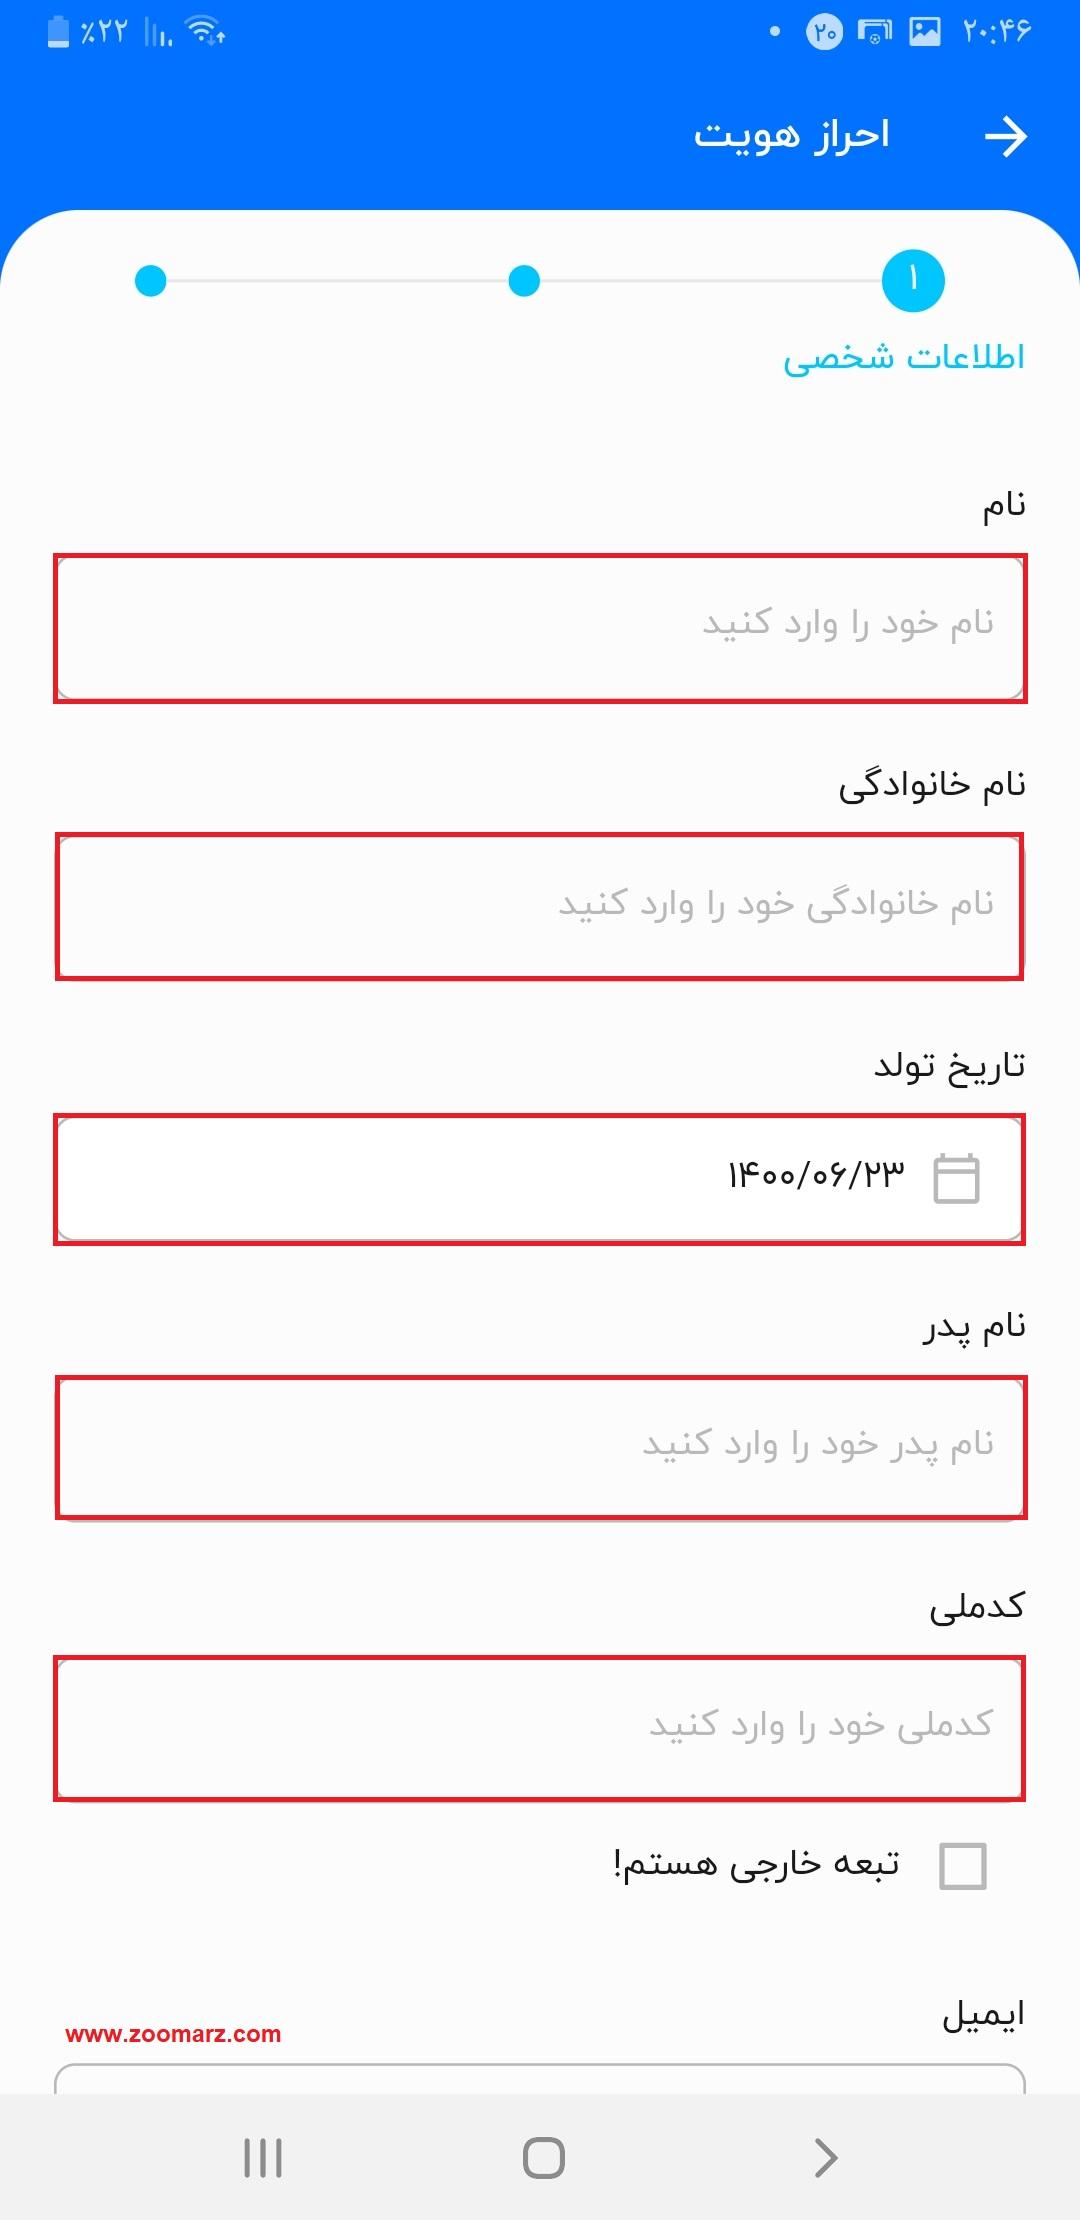 اطلاعات هویتی